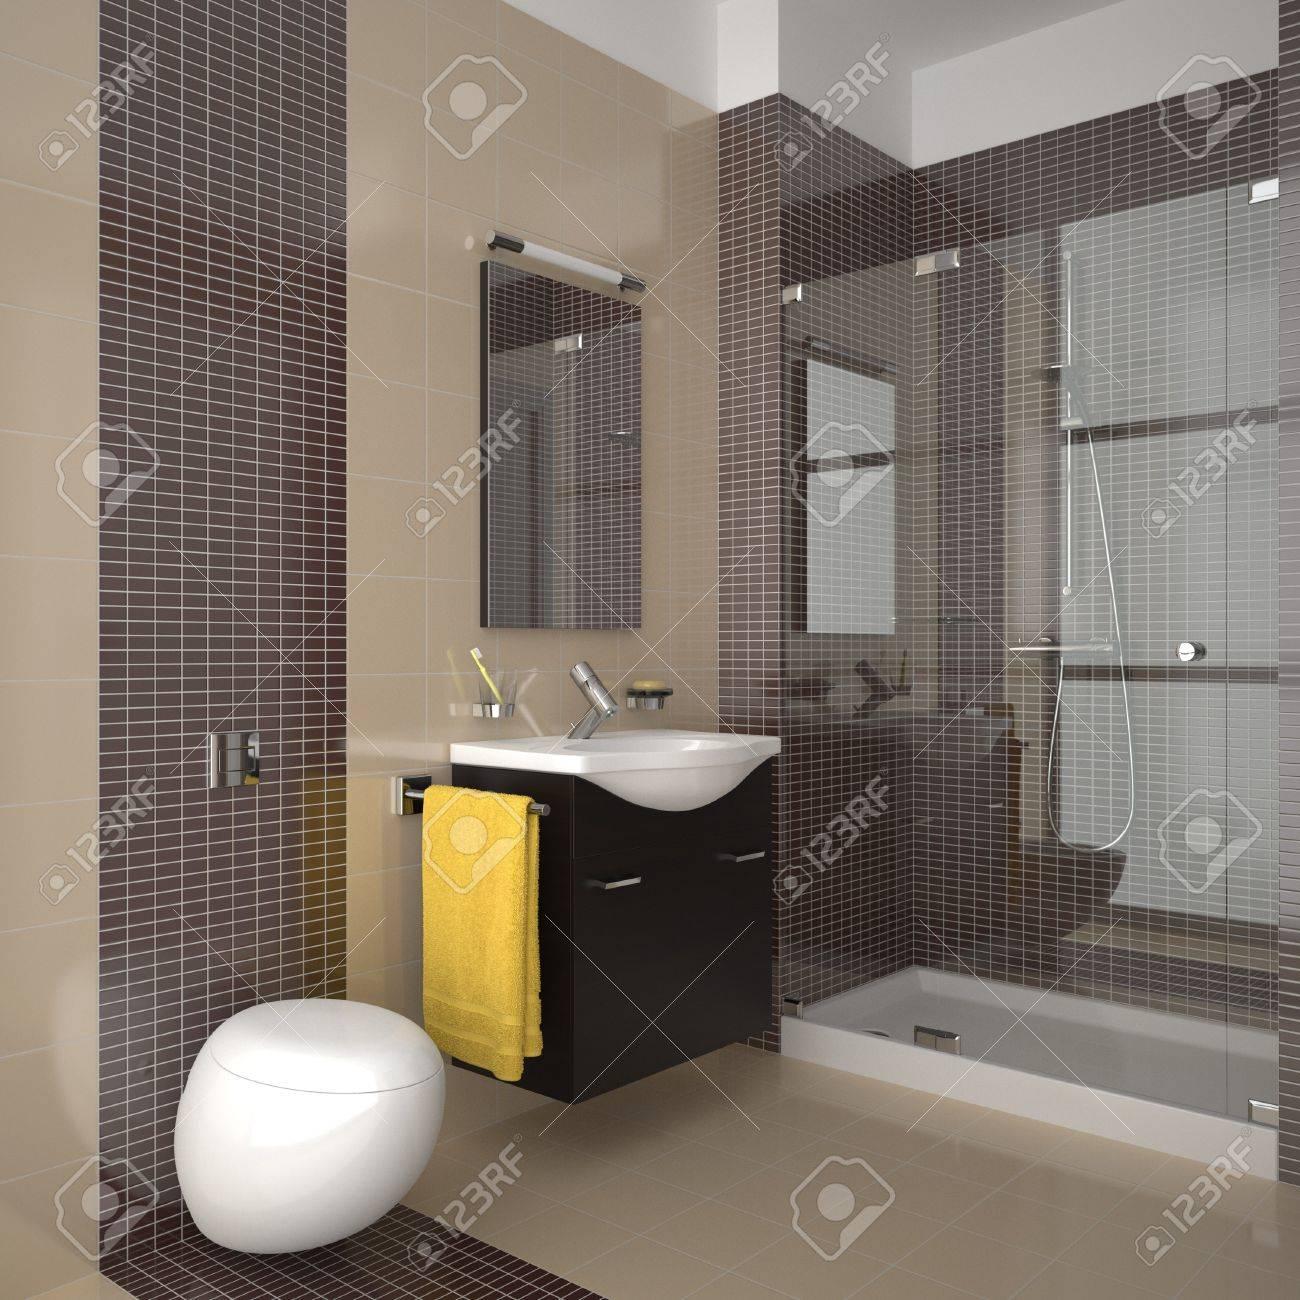 Baño moderno con azulejos de color marrón y beige fotos, retratos ...